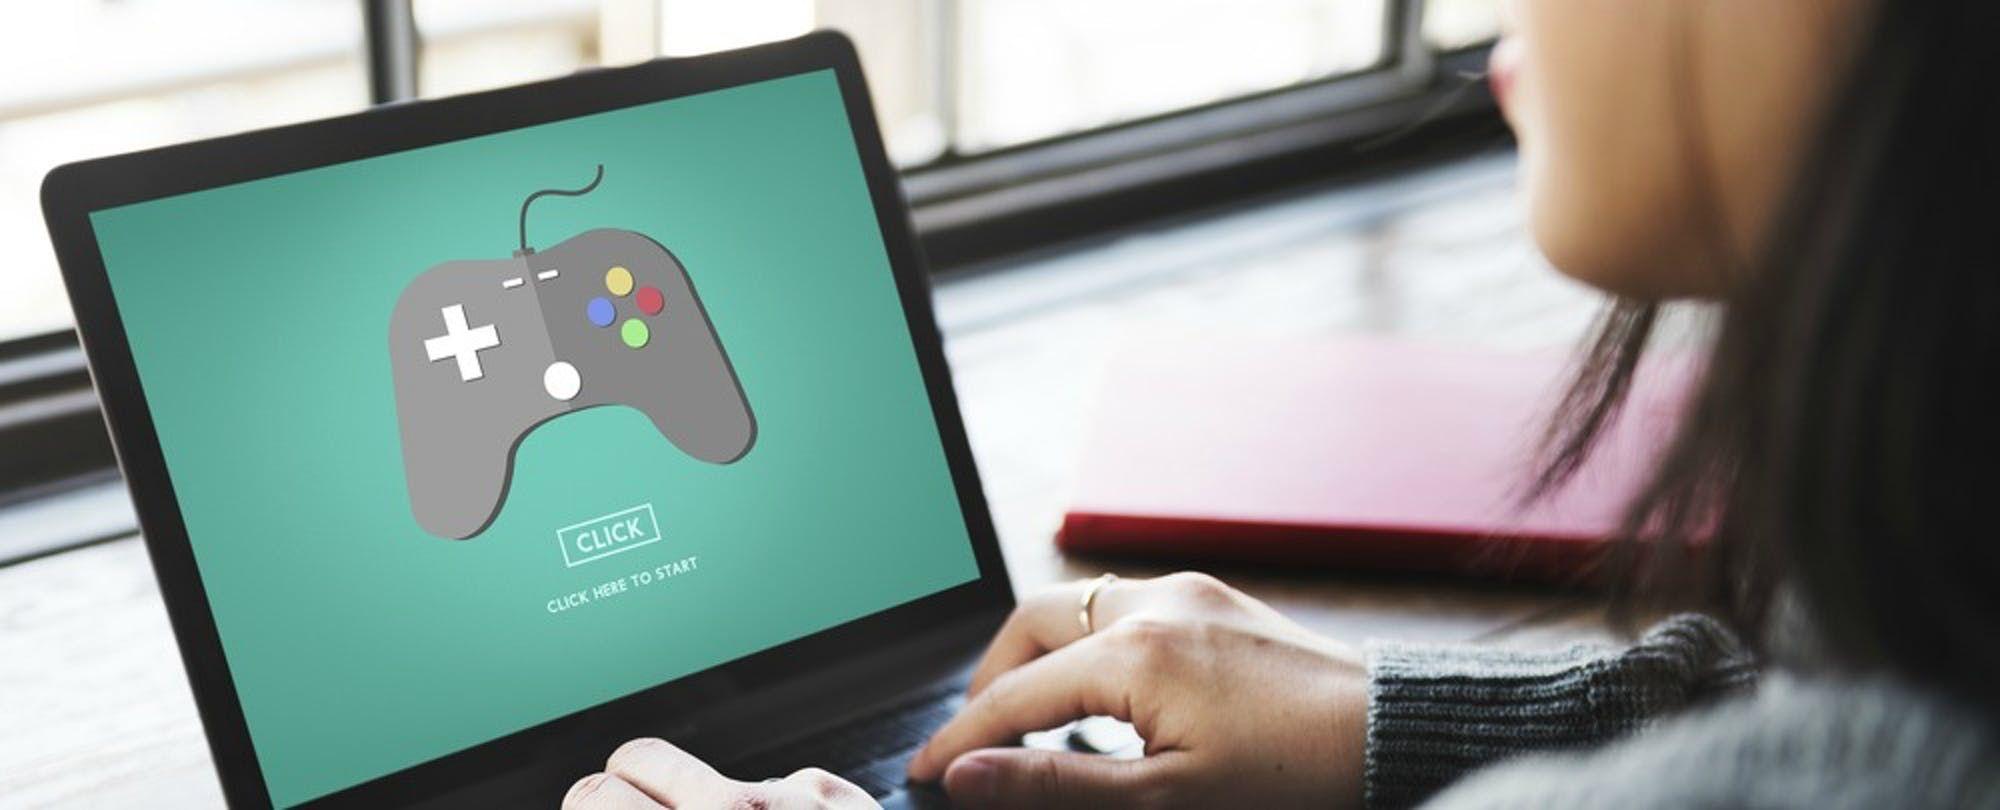 Higher Education Gamebased Learning Market to Witness